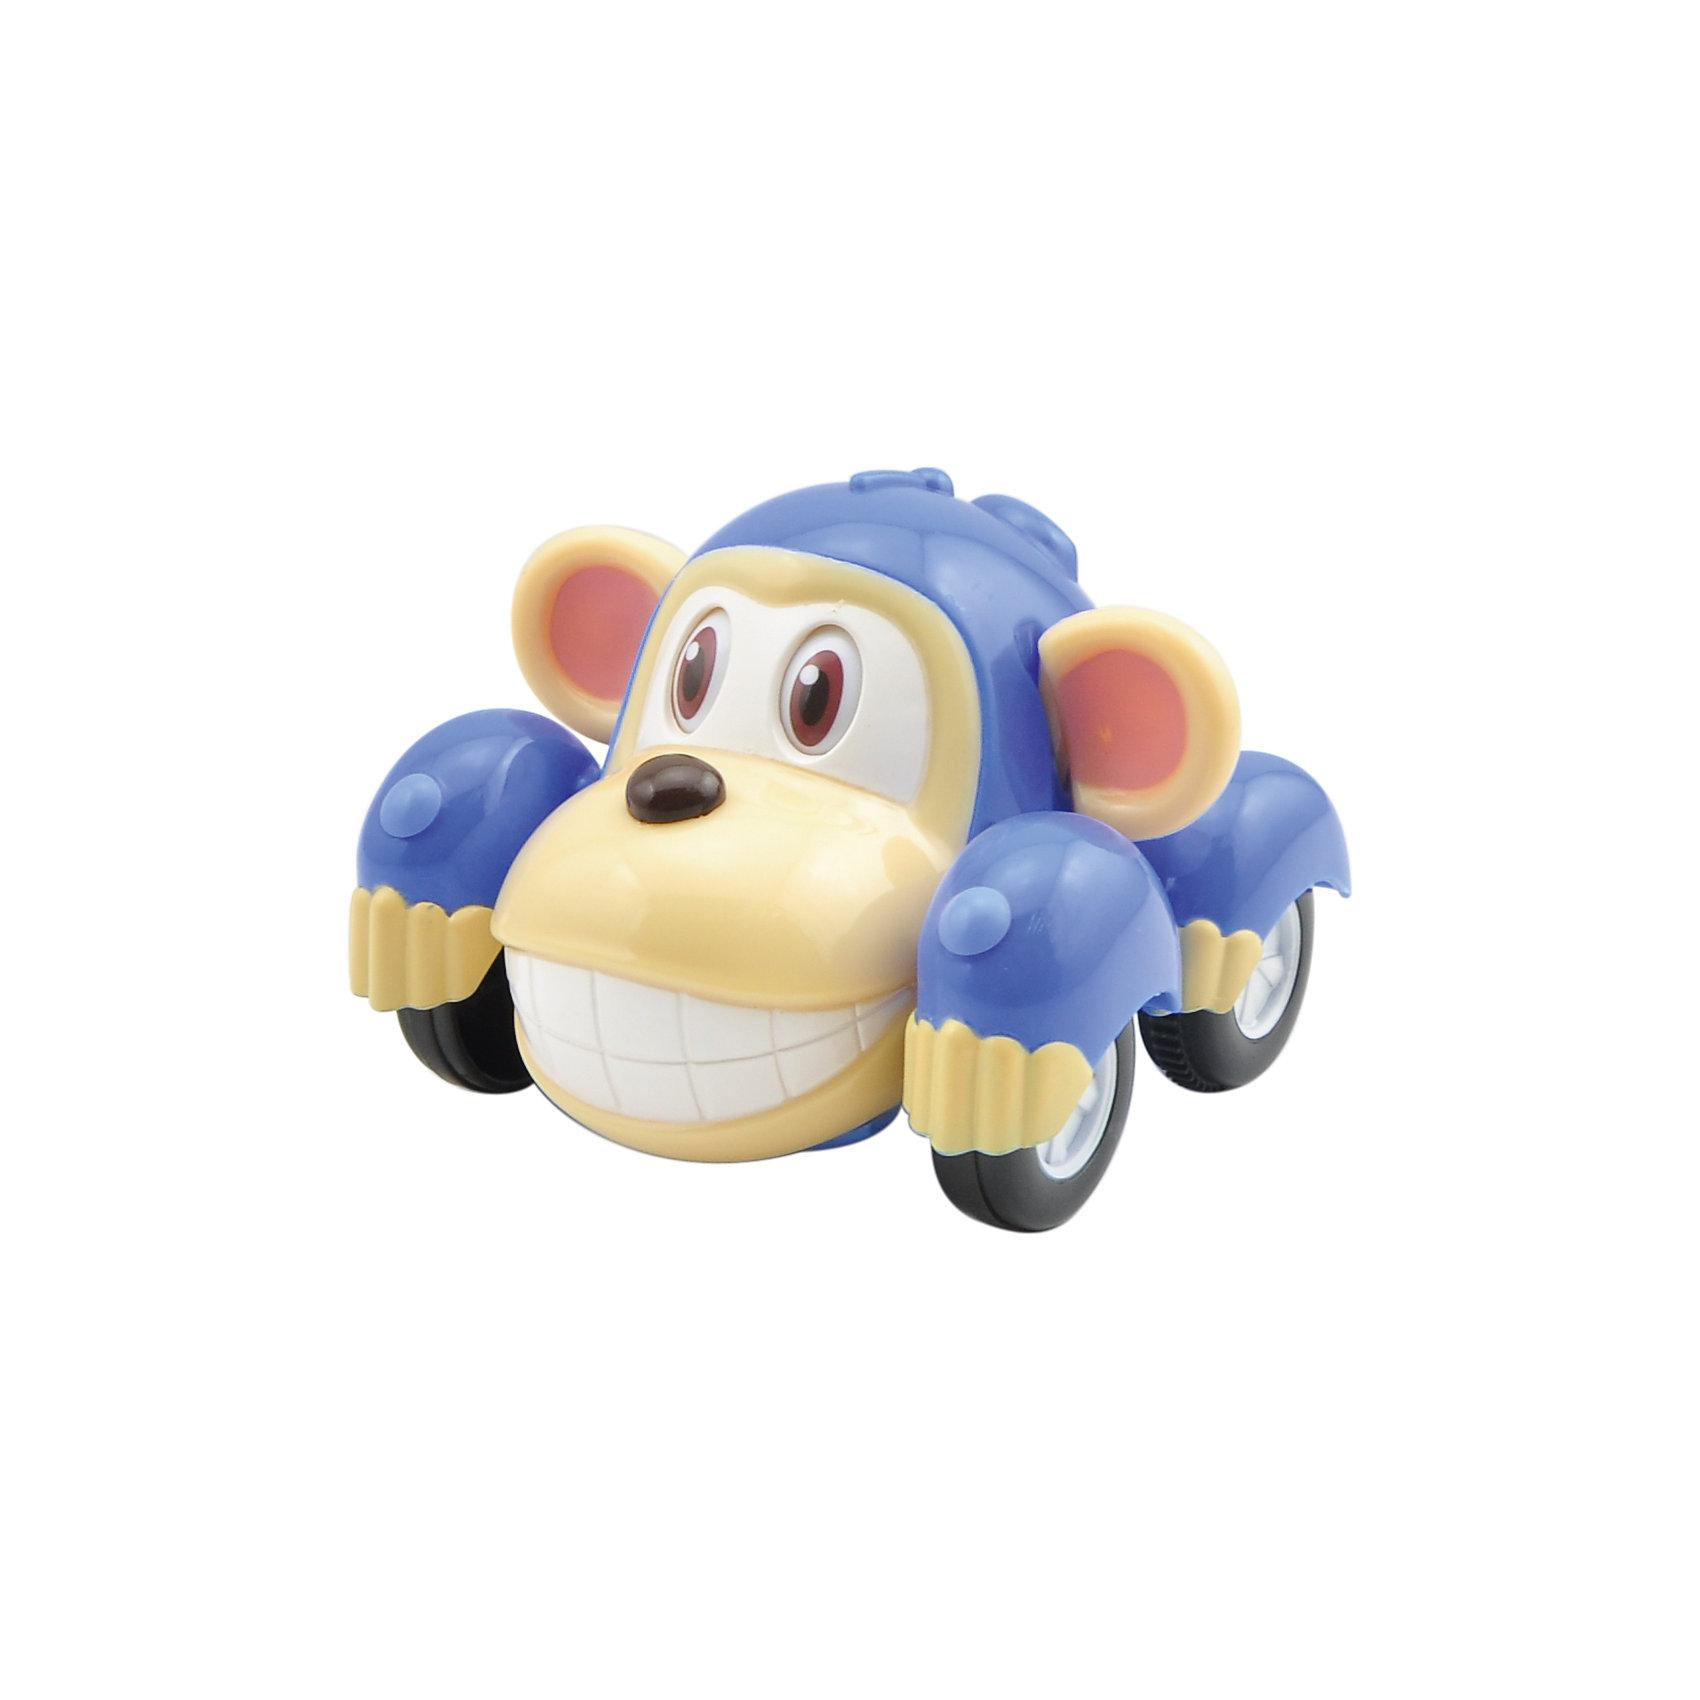 Функциональная машинка Банги, ВрумизФункциональная машинка Банги, Врумиз выполнена в виде персонажа мультсериала Врумиз – забавной и веселой обезьянки Банги. Инерционная Машинка Банги во время движения шевелит ушами и глазами, доставляя много радости самым маленьким поклонникам мультфильма!<br><br>Дополнительная информация:<br>-Материалы: пластик, металл<br><br>С яркой и позитивной машинкой Банги Ваш малыш сможет окунуться в фантастический мир Зиппи Сити и разыгрывать сценки из любимого мультика «Врумиз»! <br><br>Функциональную машинку Банги, Врумиз можно купить в нашем магазине.<br><br>Ширина мм: 120<br>Глубина мм: 380<br>Высота мм: 310<br>Вес г: 240<br>Возраст от месяцев: 36<br>Возраст до месяцев: 120<br>Пол: Унисекс<br>Возраст: Детский<br>SKU: 4196420